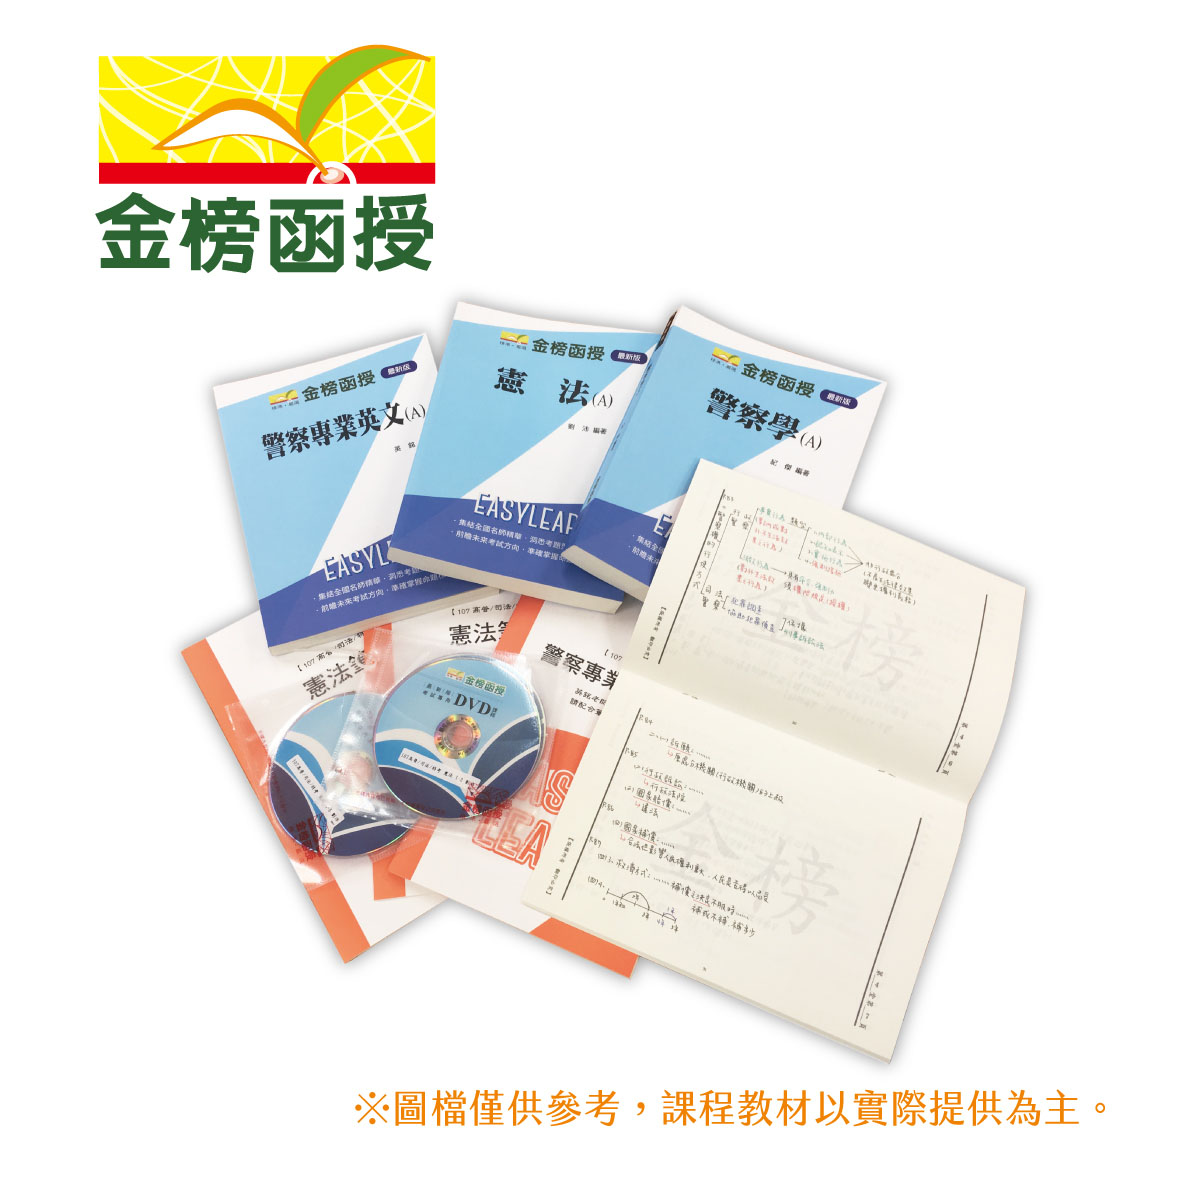 107金榜函授/移民署特考/四等/全套/移民行政/MP3